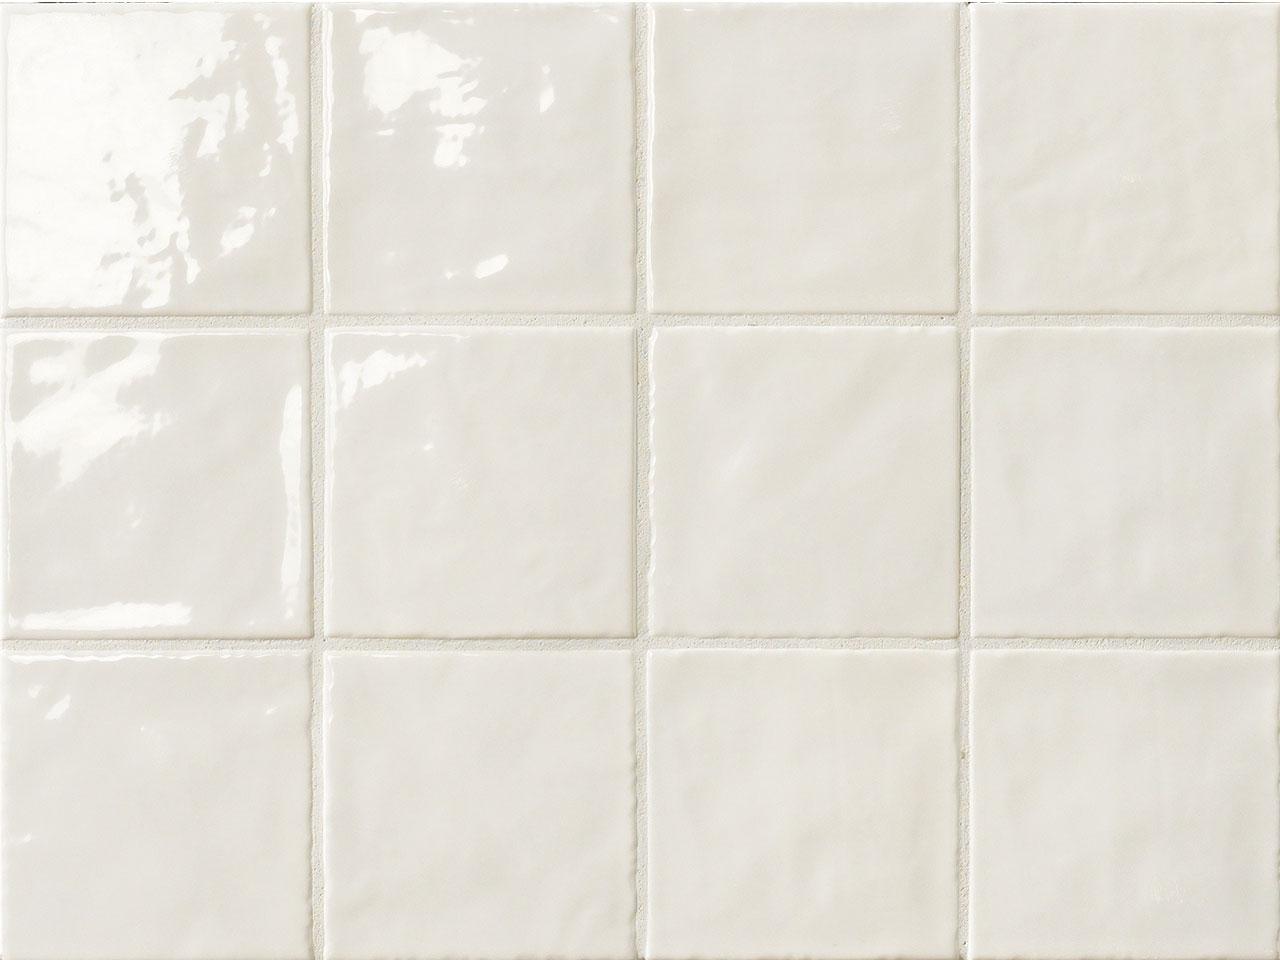 Piastrelle 15x15 Bianco Lucido Disegni Interni Ed Esterni